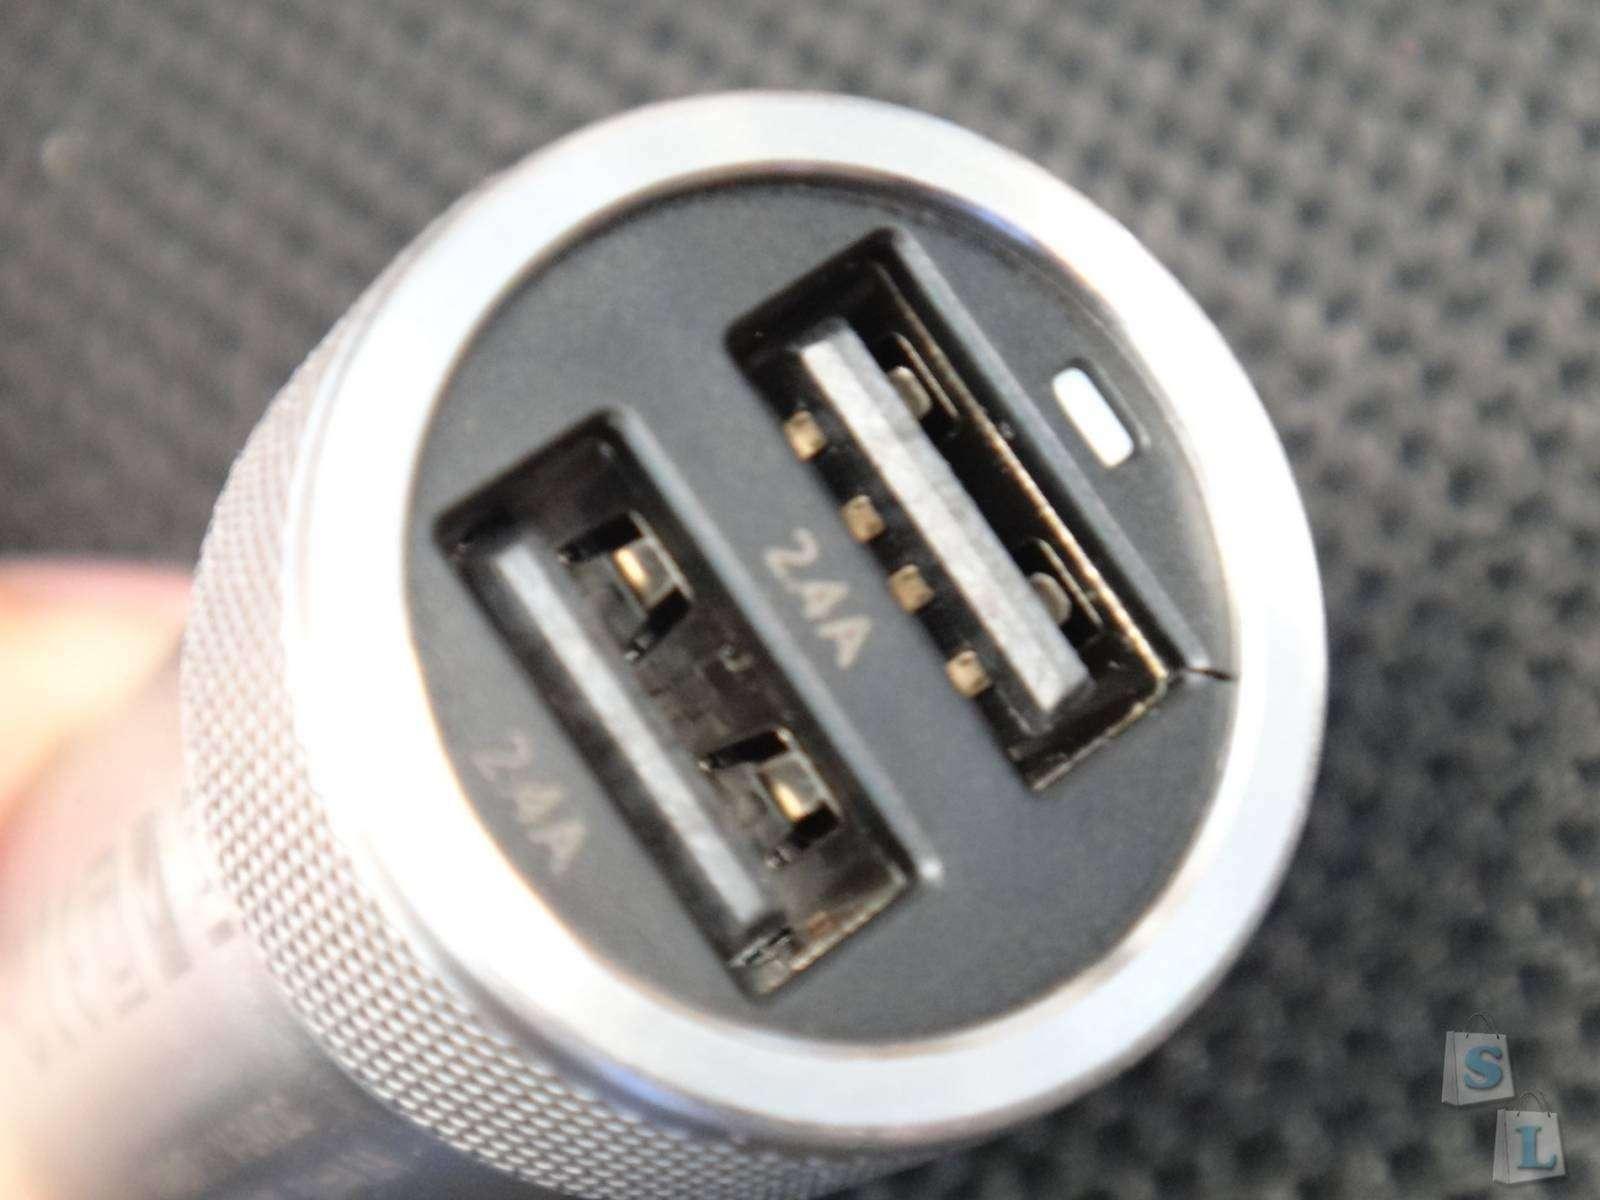 Другие - Китай: Стильное зарядное устройство для автомобиля Vinsic  в стальном корпусе и 5А на выходе